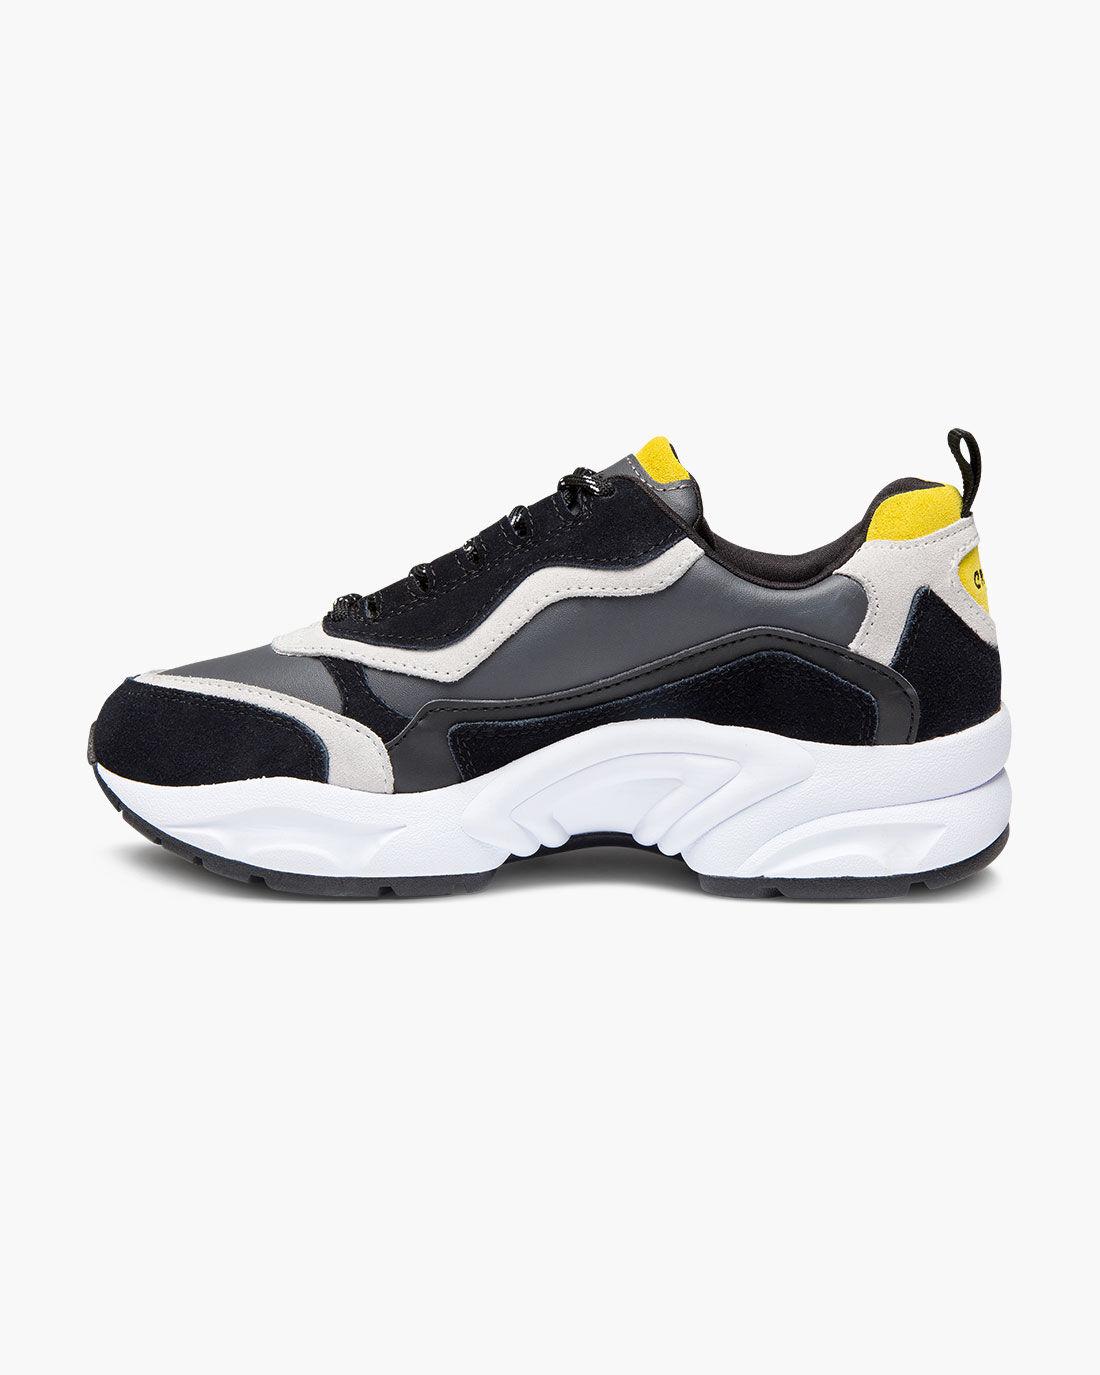 Schuh   Damen Sneaker LIGRA 6   online kaufen